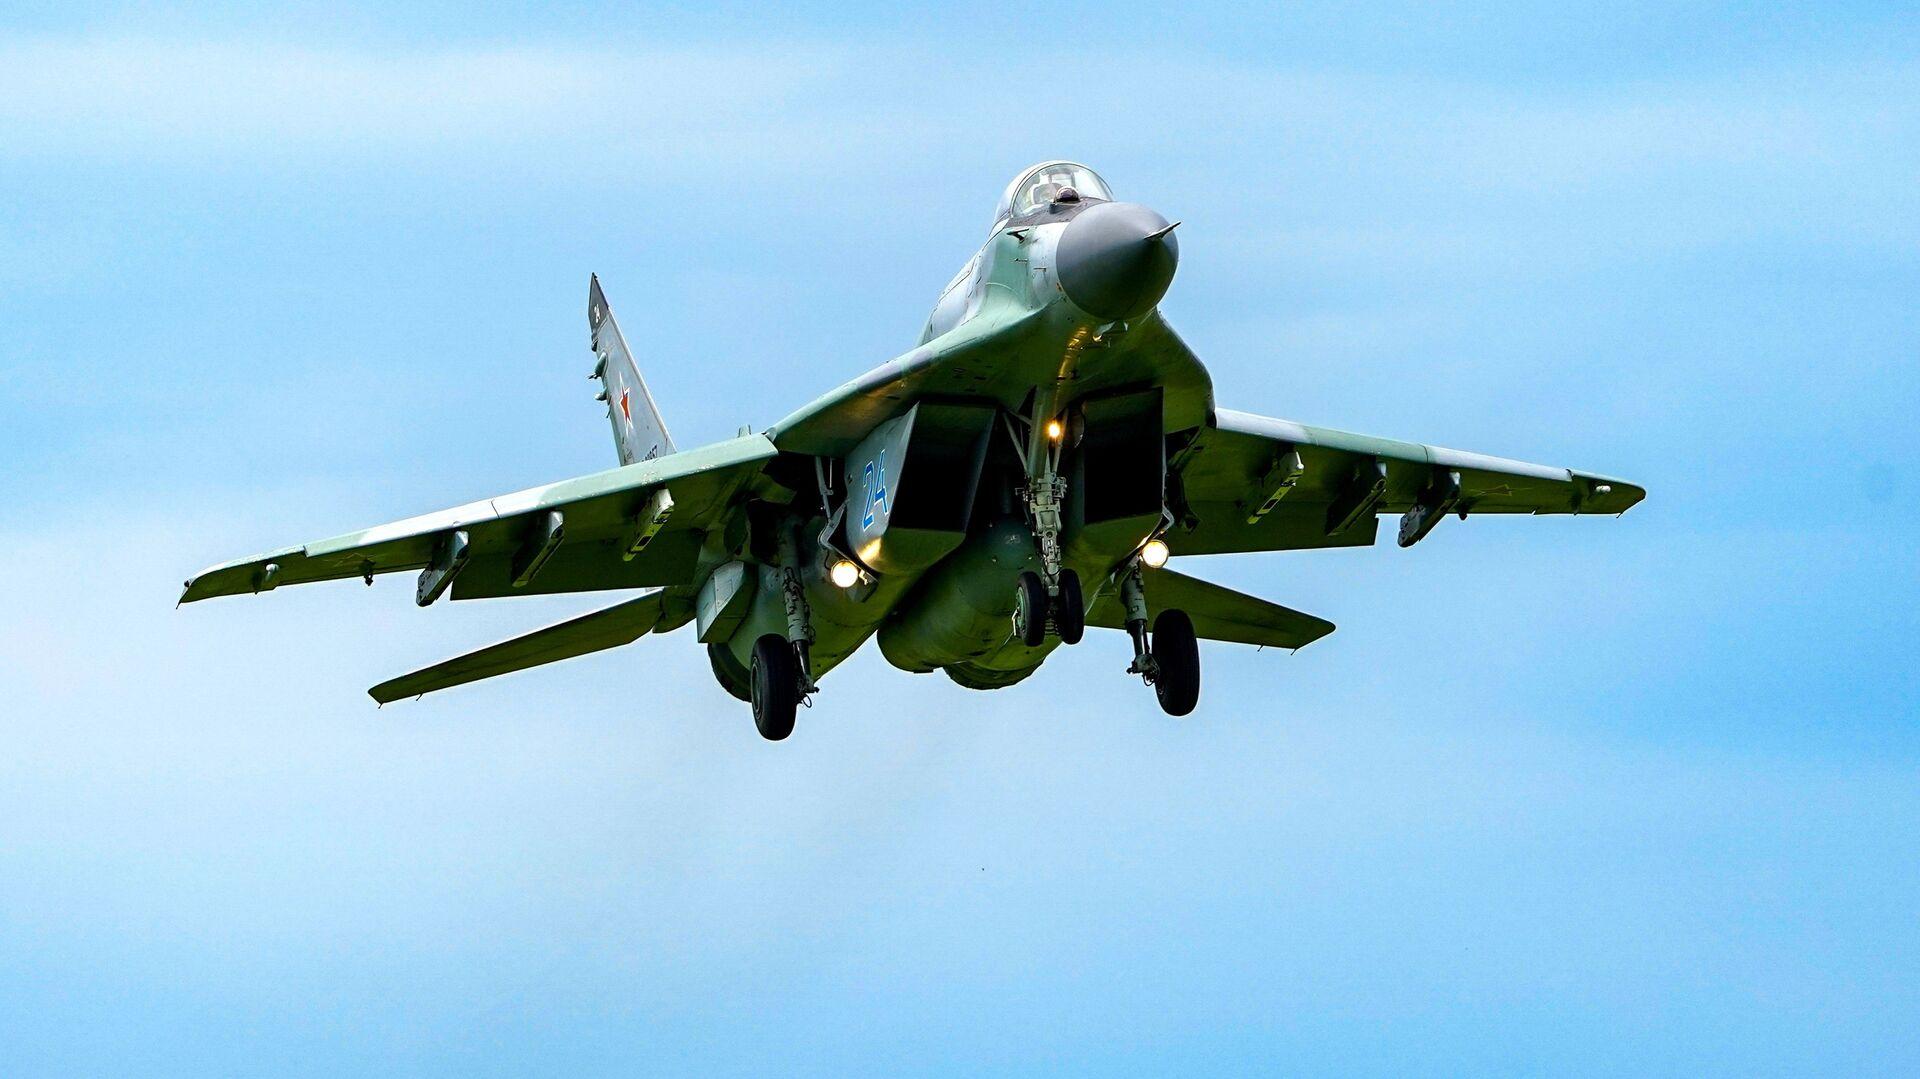 Stíhací letoun MiG-29 - Sputnik Česká republika, 1920, 28.06.2021